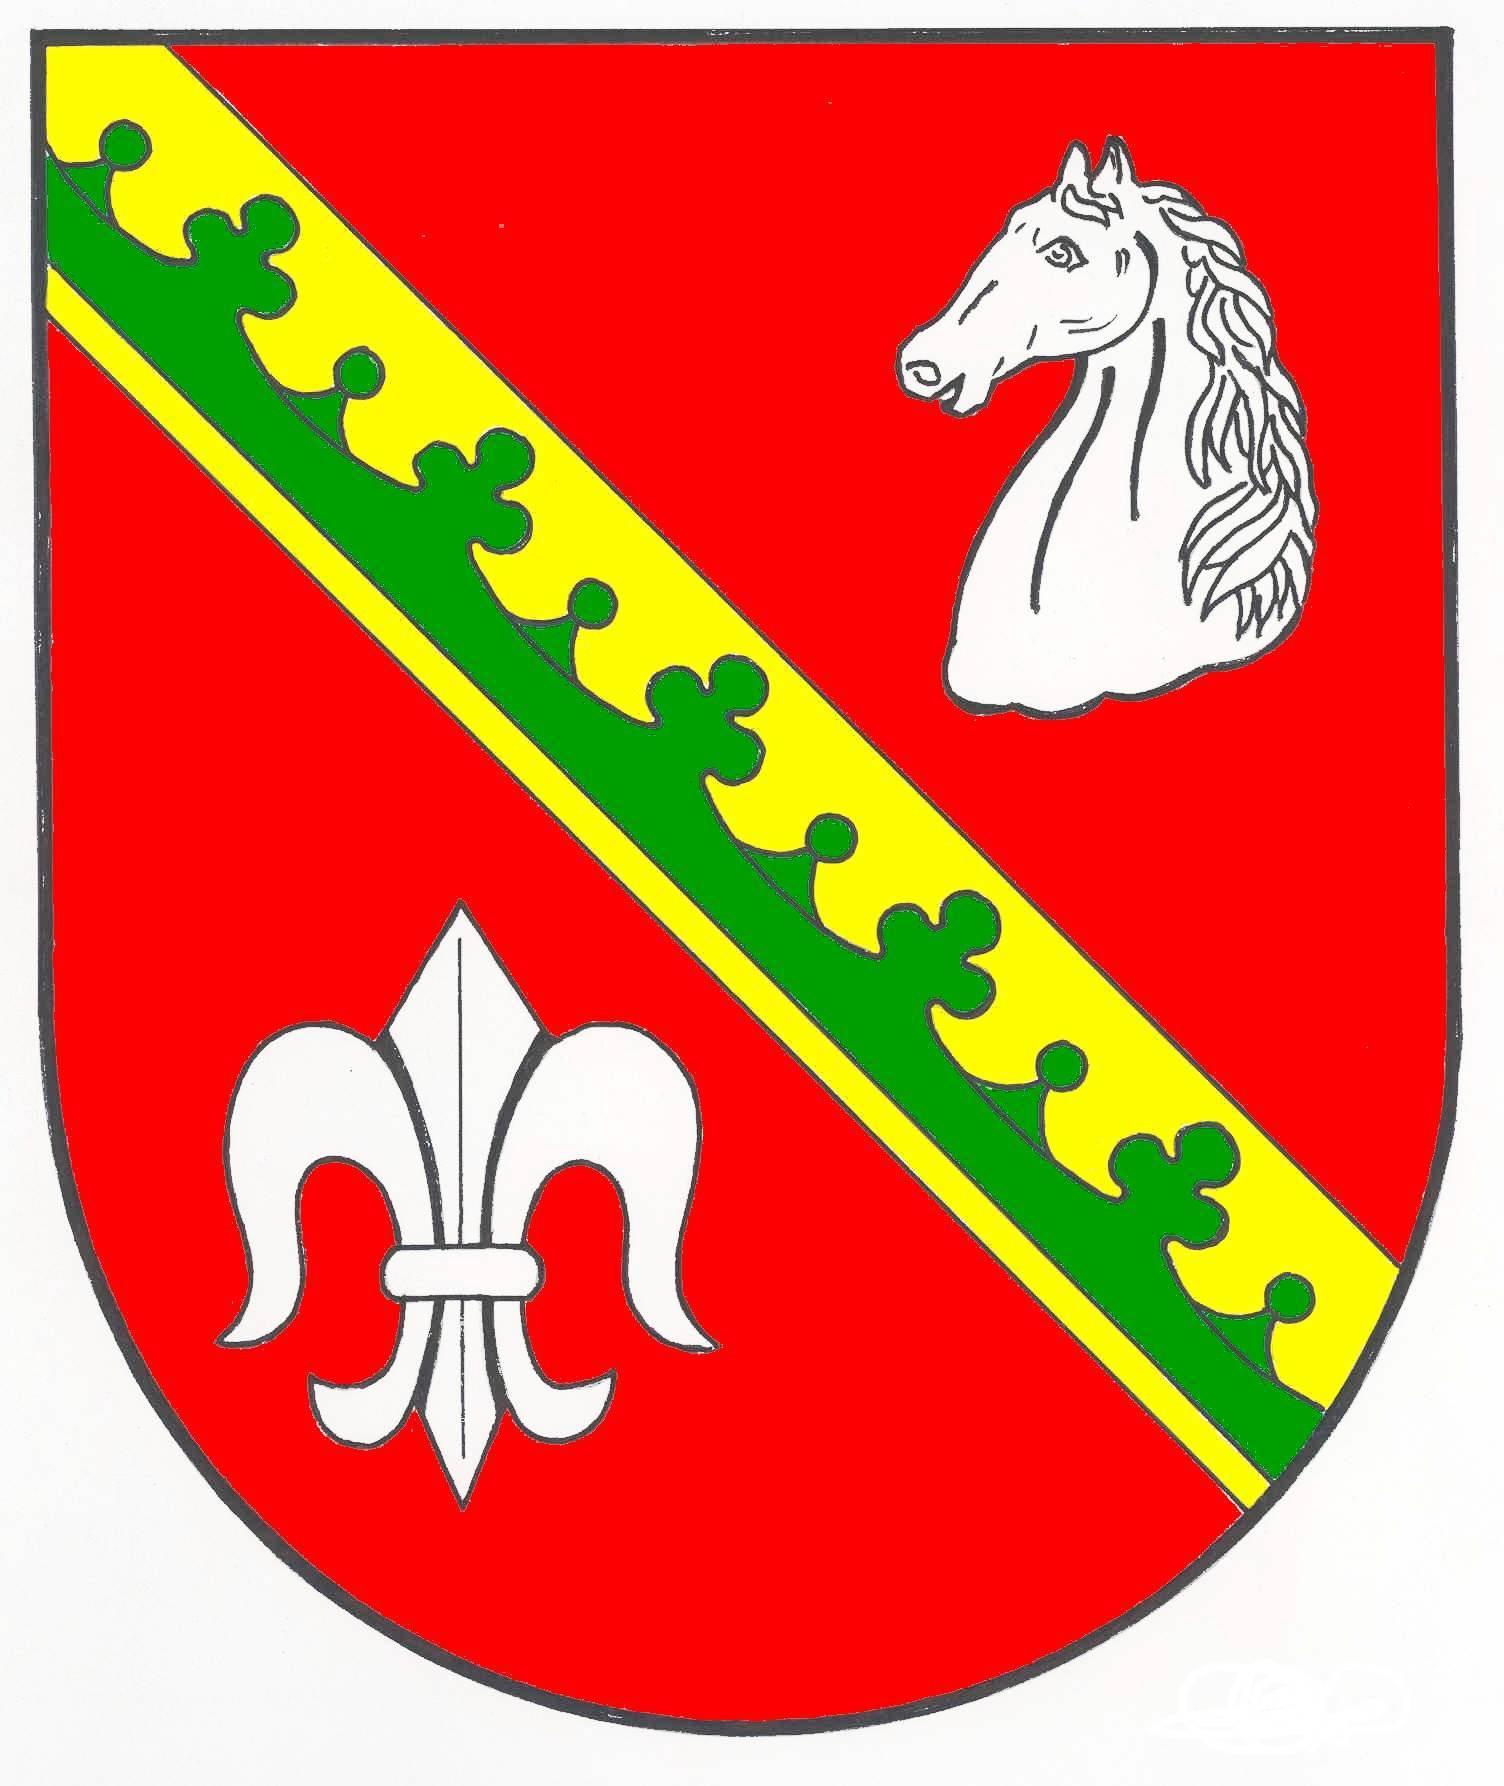 Wappen GemeindeBasthorst, Kreis Herzogtum Lauenburg